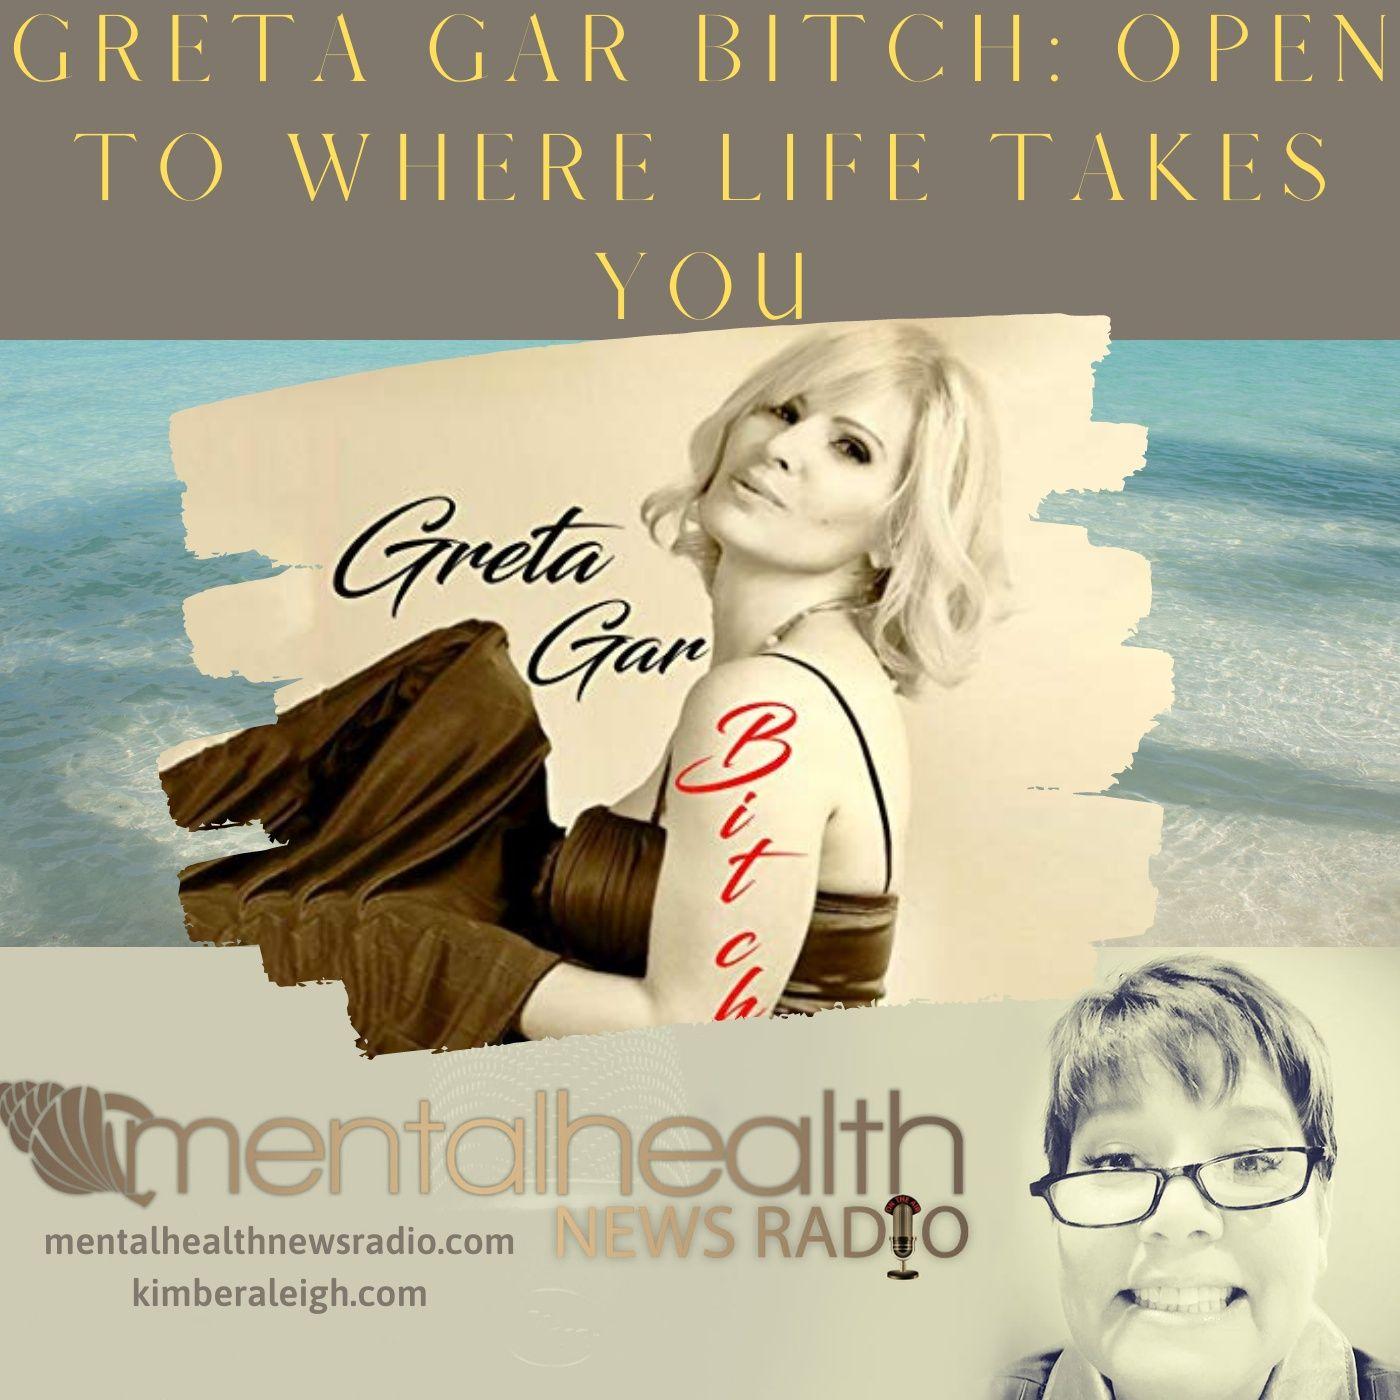 Mental Health News Radio - Greta Gar Bitch: Open to Where Life Takes You